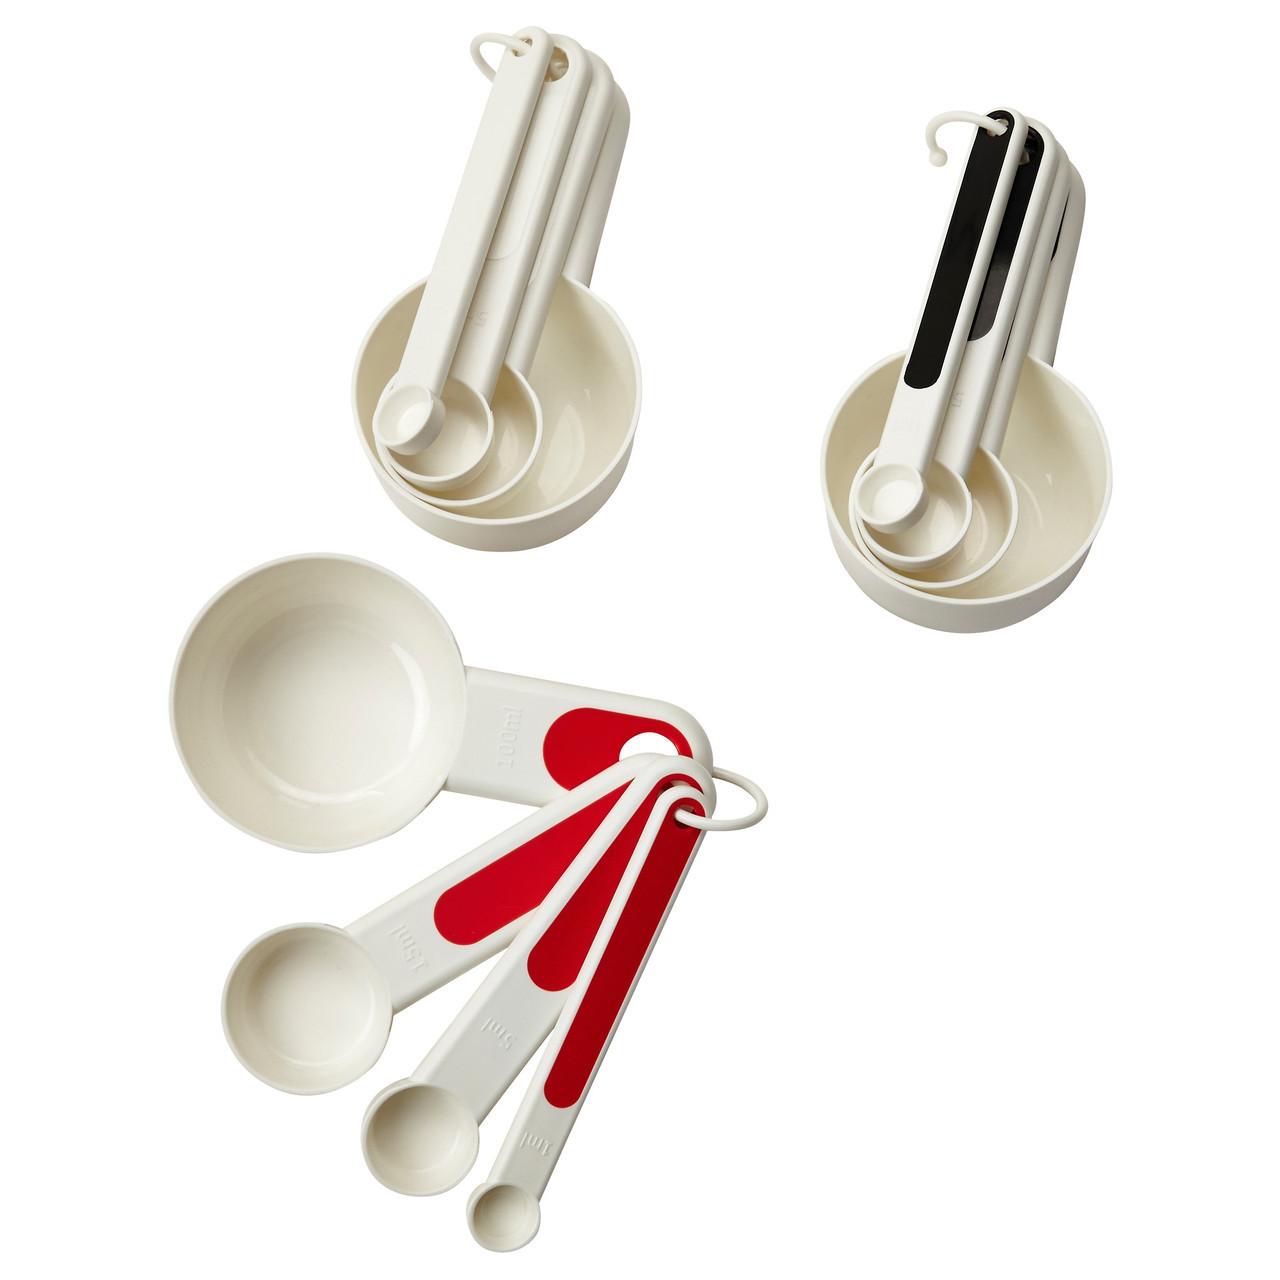 Мерные емкости икеа STÄM,4 штуки, красный, белый/черный, IKEA, 102.332.59